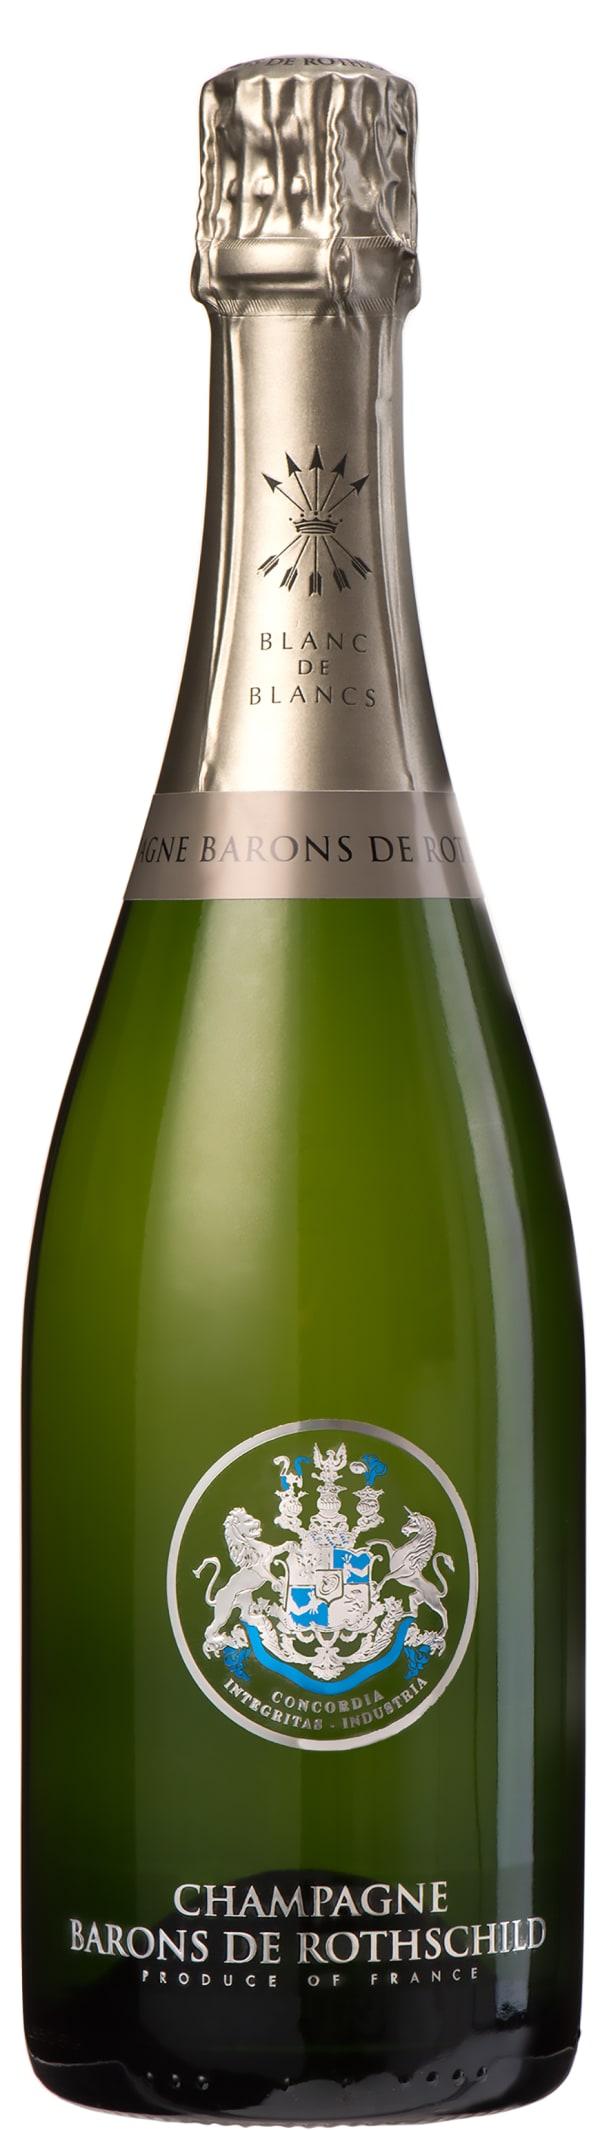 Barons de Rothschild Blanc de Blanc Champagne Brut